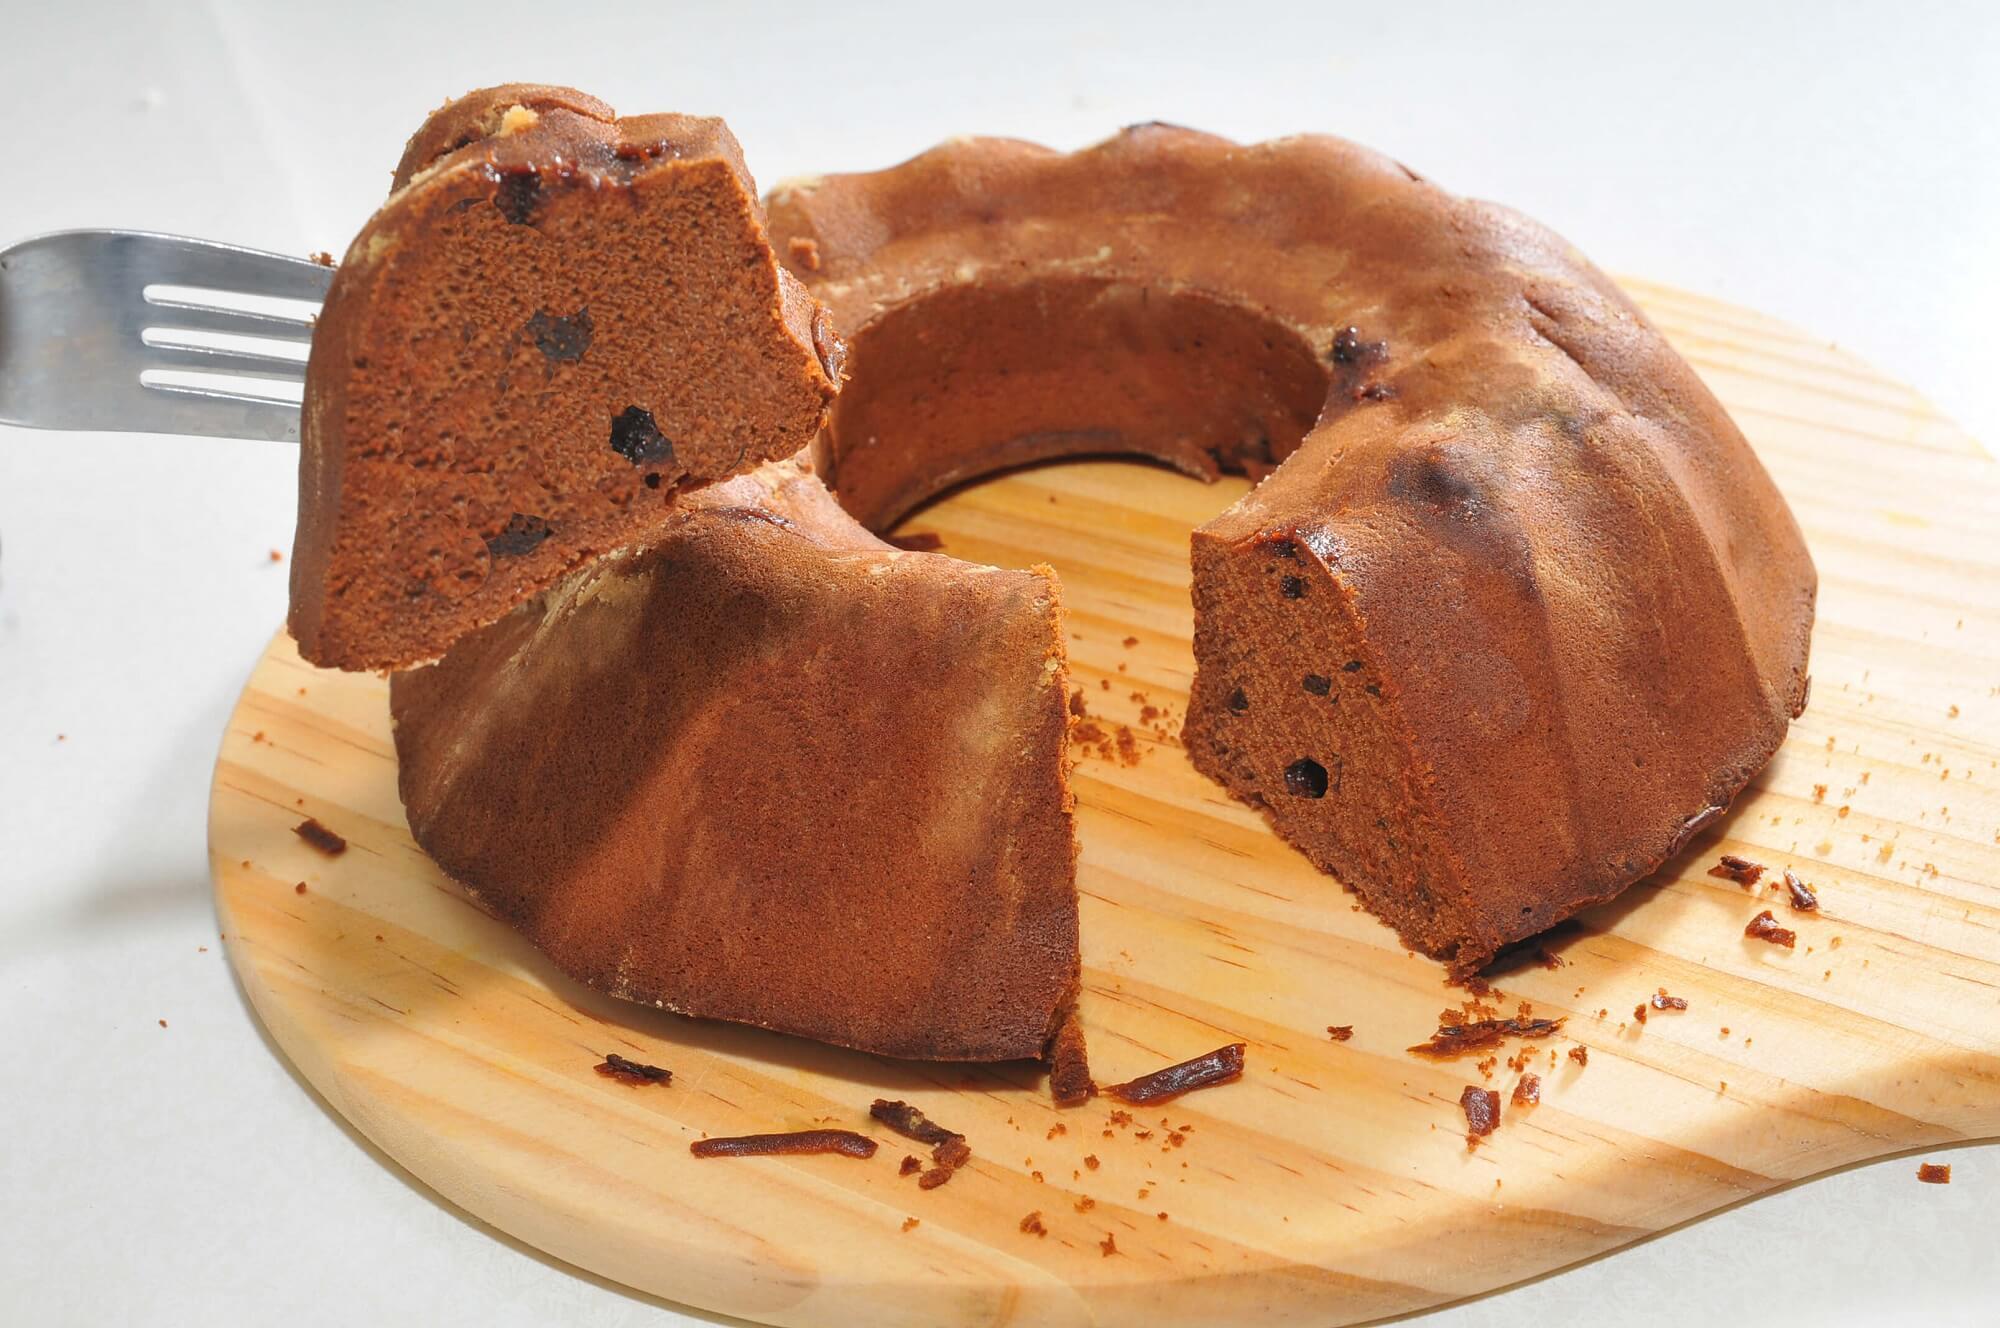 咕咕霍夫吃到飽,咕咕霍夫食譜,咕咕霍夫生日蛋糕,咕咕霍夫,咕咕霍夫彌月蛋糕, 咕咕霍夫蛋糕推薦,咕咕霍夫蛋糕,咕咕洛夫蛋糕,糖蜜可可咕咕霍夫蛋糕,晶巧飲食坊,北極星Polestar